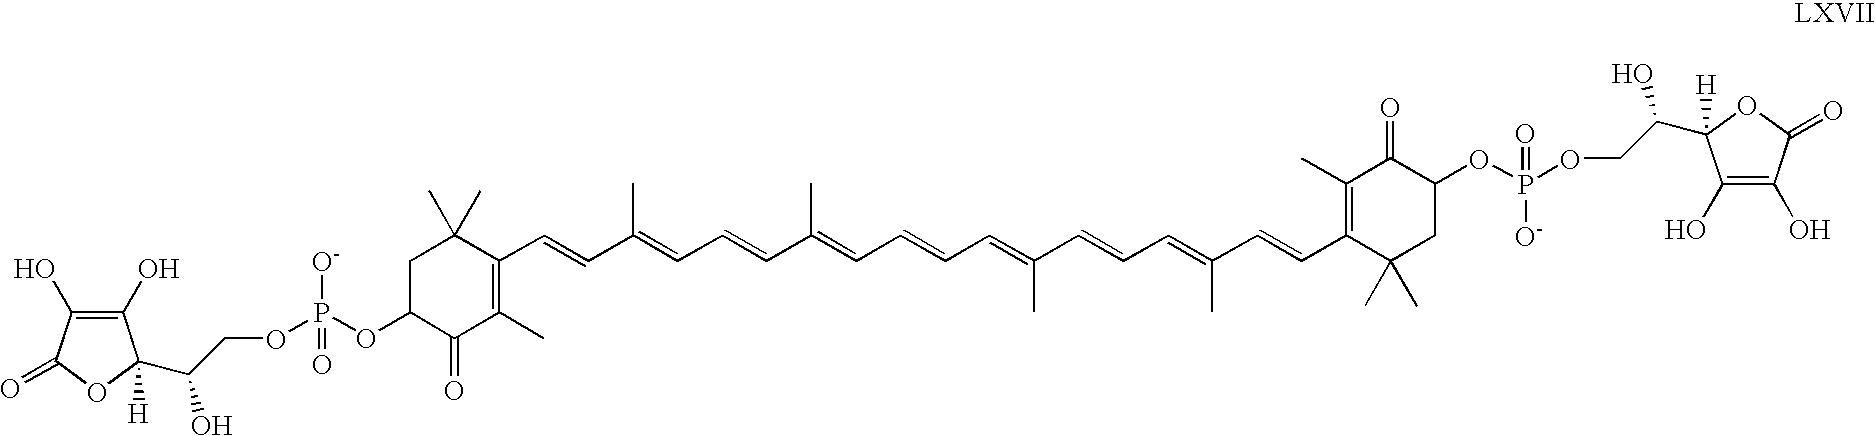 Figure US07345091-20080318-C00044